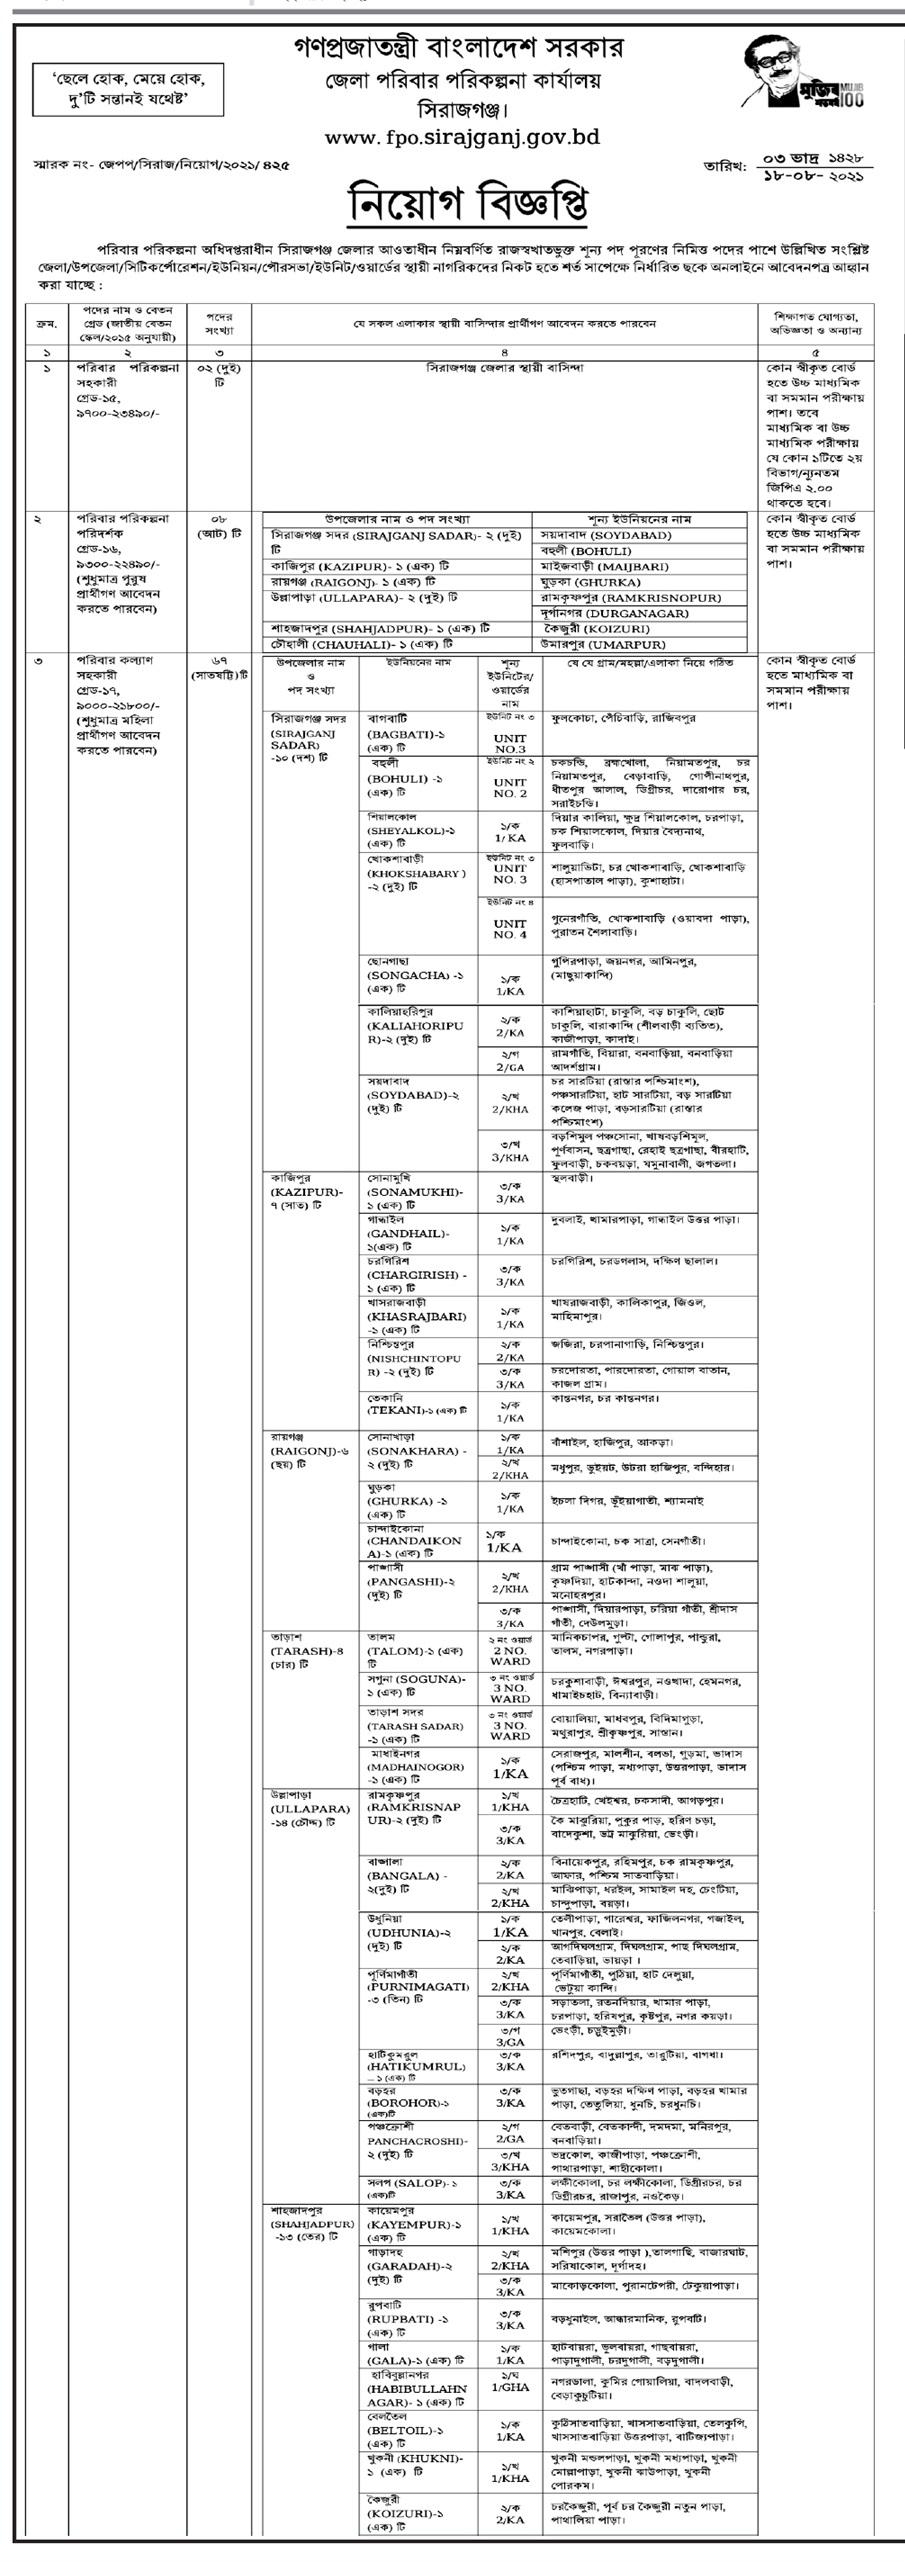 সিরাজগঞ্জ জেলা পরিবার পরিকল্পনা নিয়োগ বিজ্ঞপ্তি ২০২১ - Sirajganj District Natore District poribar porikolpona job circular 2021 - স্বাস্থ্য ও পরিবার পরিকল্পনা অধিদপ্তরে নিয়োগ বিজ্ঞপ্তি ২০২১